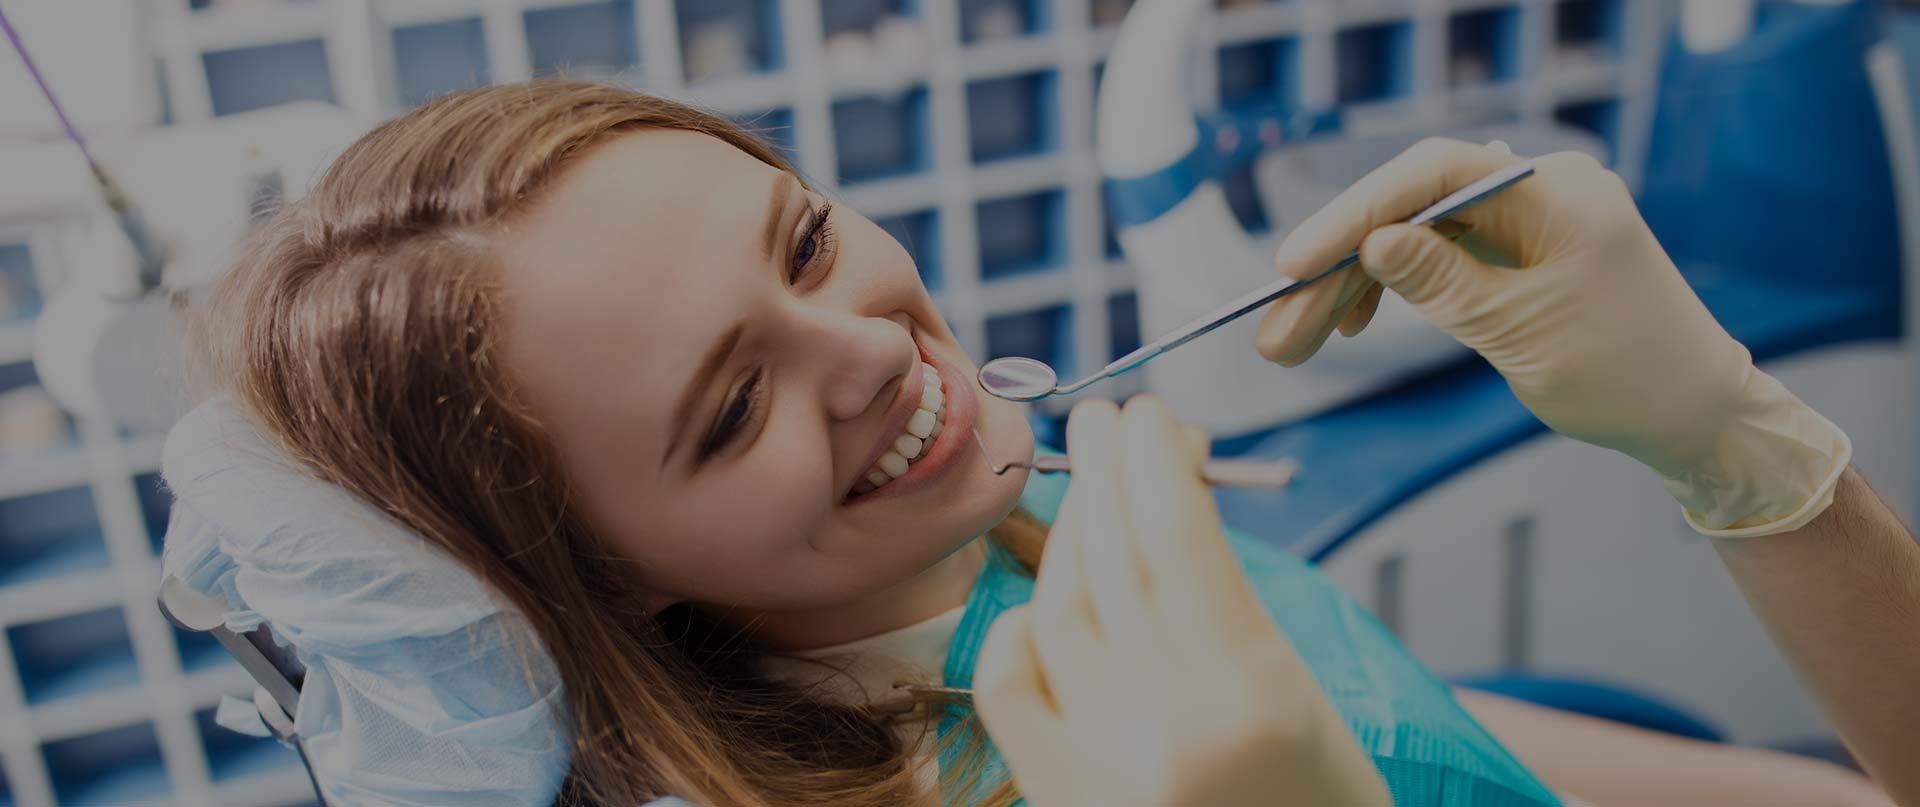 Doświadczeni stomatolodzy